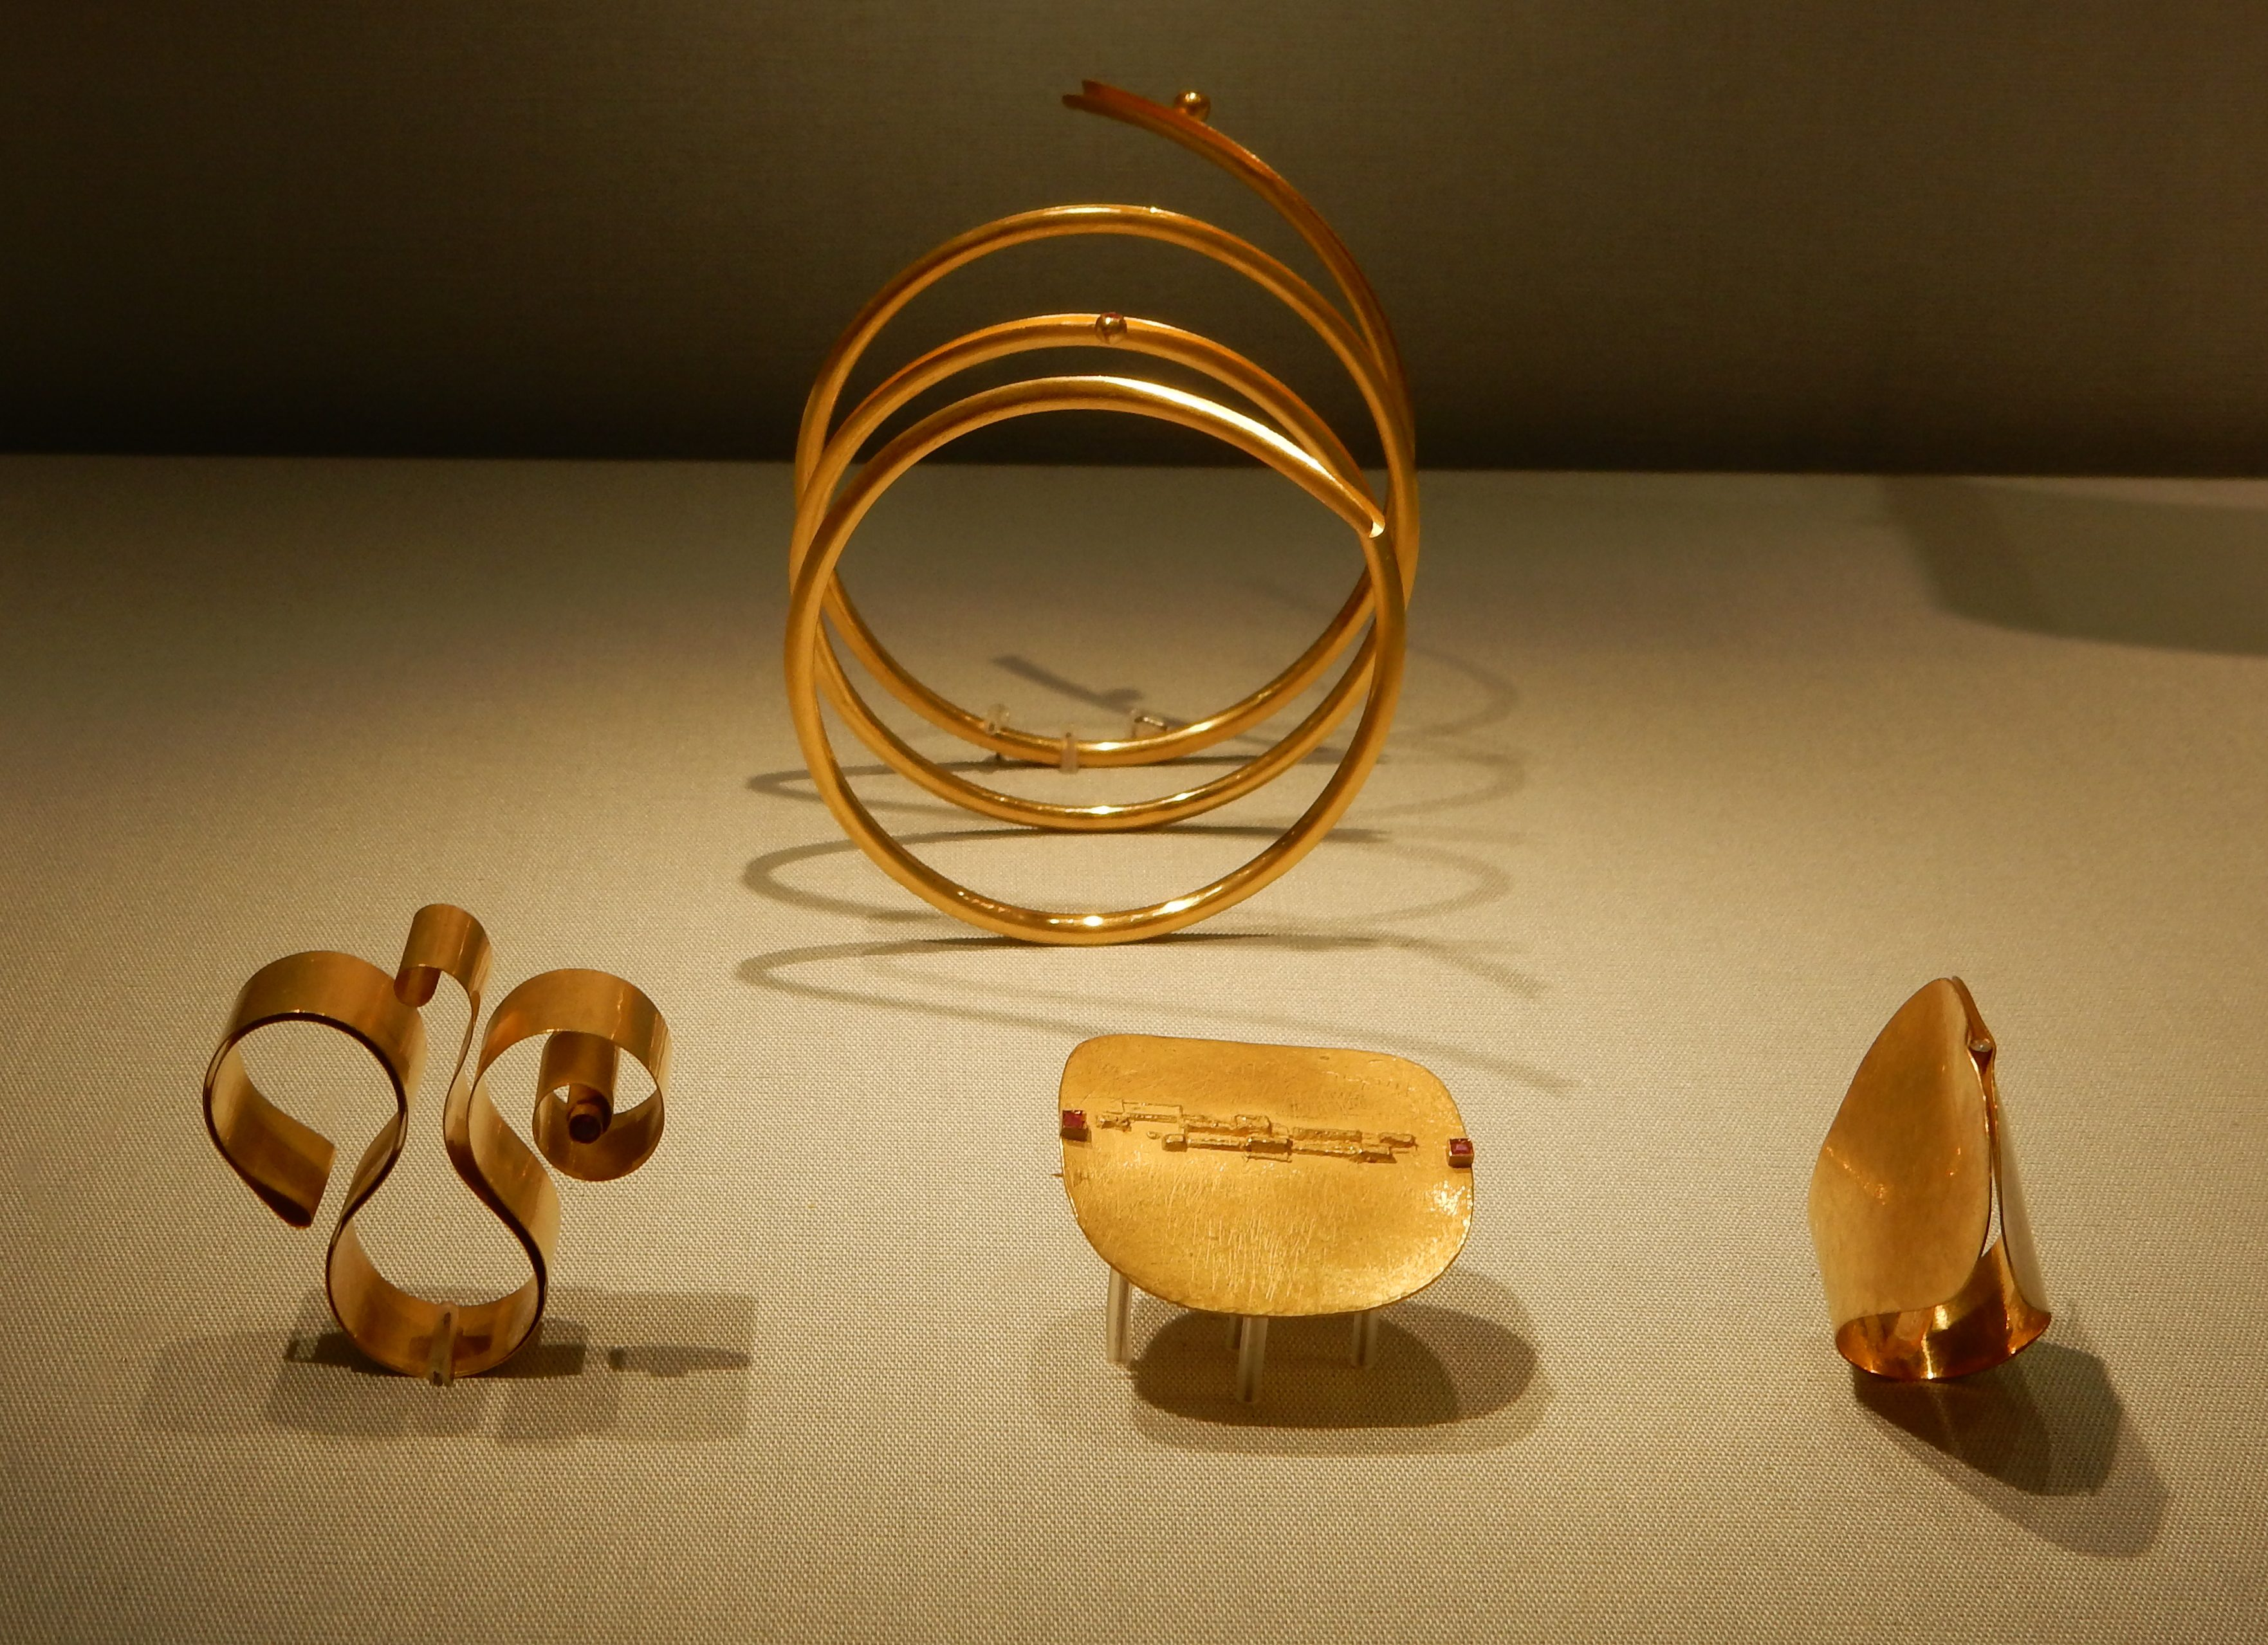 Mario Pinton, armband, 1976, ring, 1982, broche, 1967, ring, 1988. Schmuckmuseum Pforzheim. Foto met dank aan Coert Peter Krabbe, september 2018, CC BY 4.0